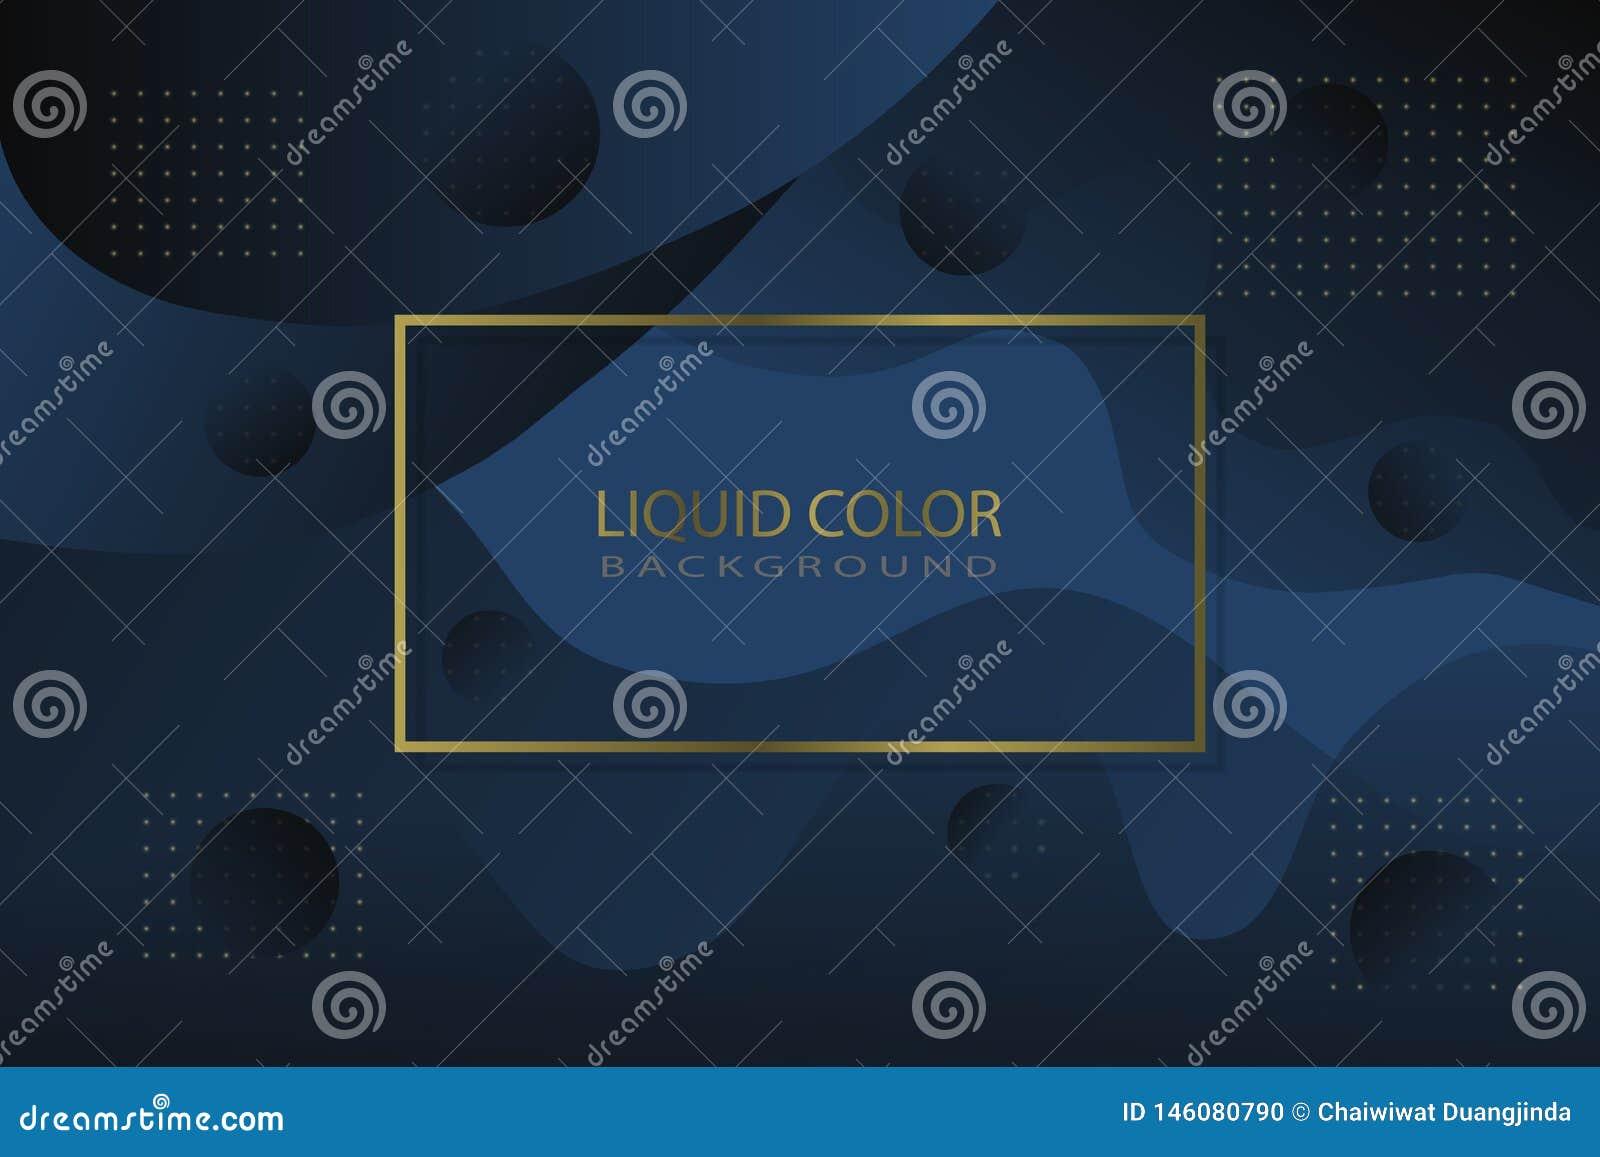 Flüssige Luxusfarbe als Hintergrund